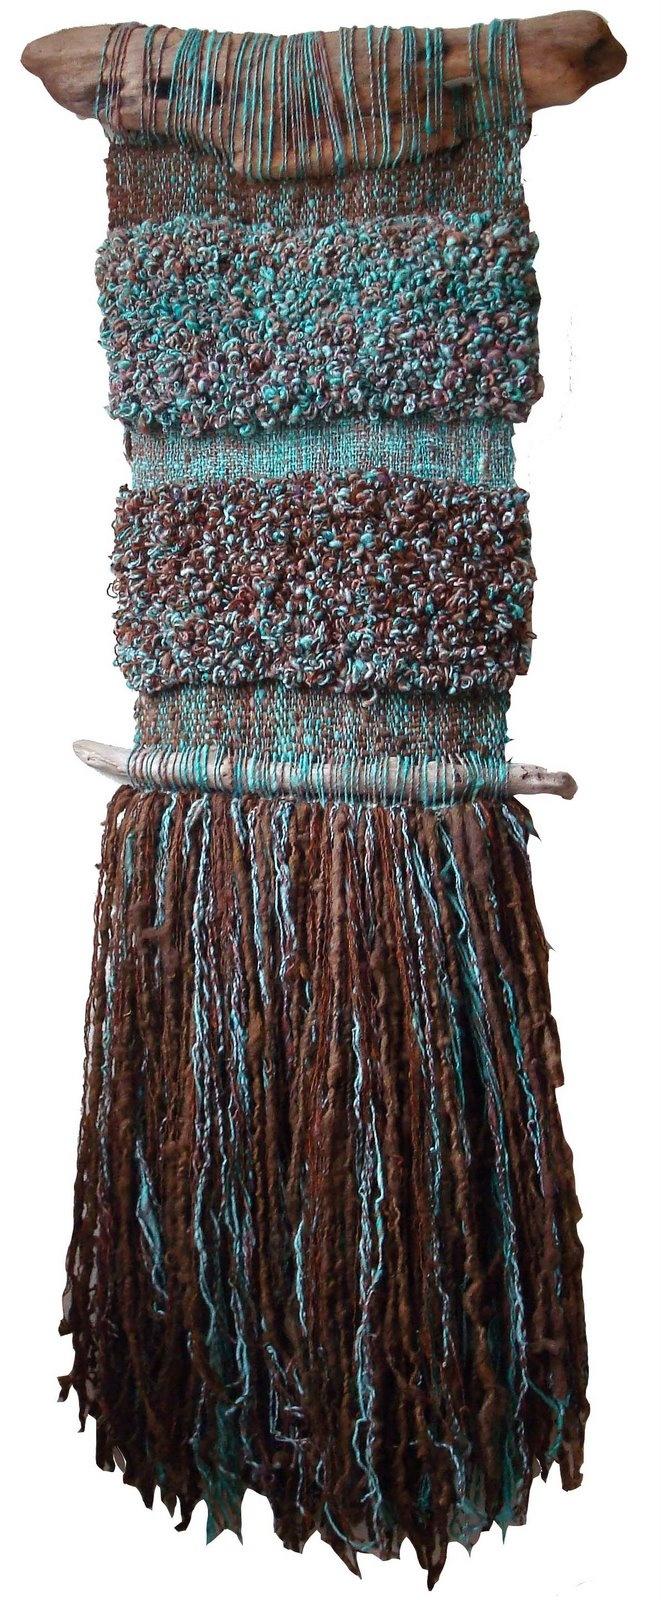 Marianne Werkmeister: Outdoor, Weaving Inspiration